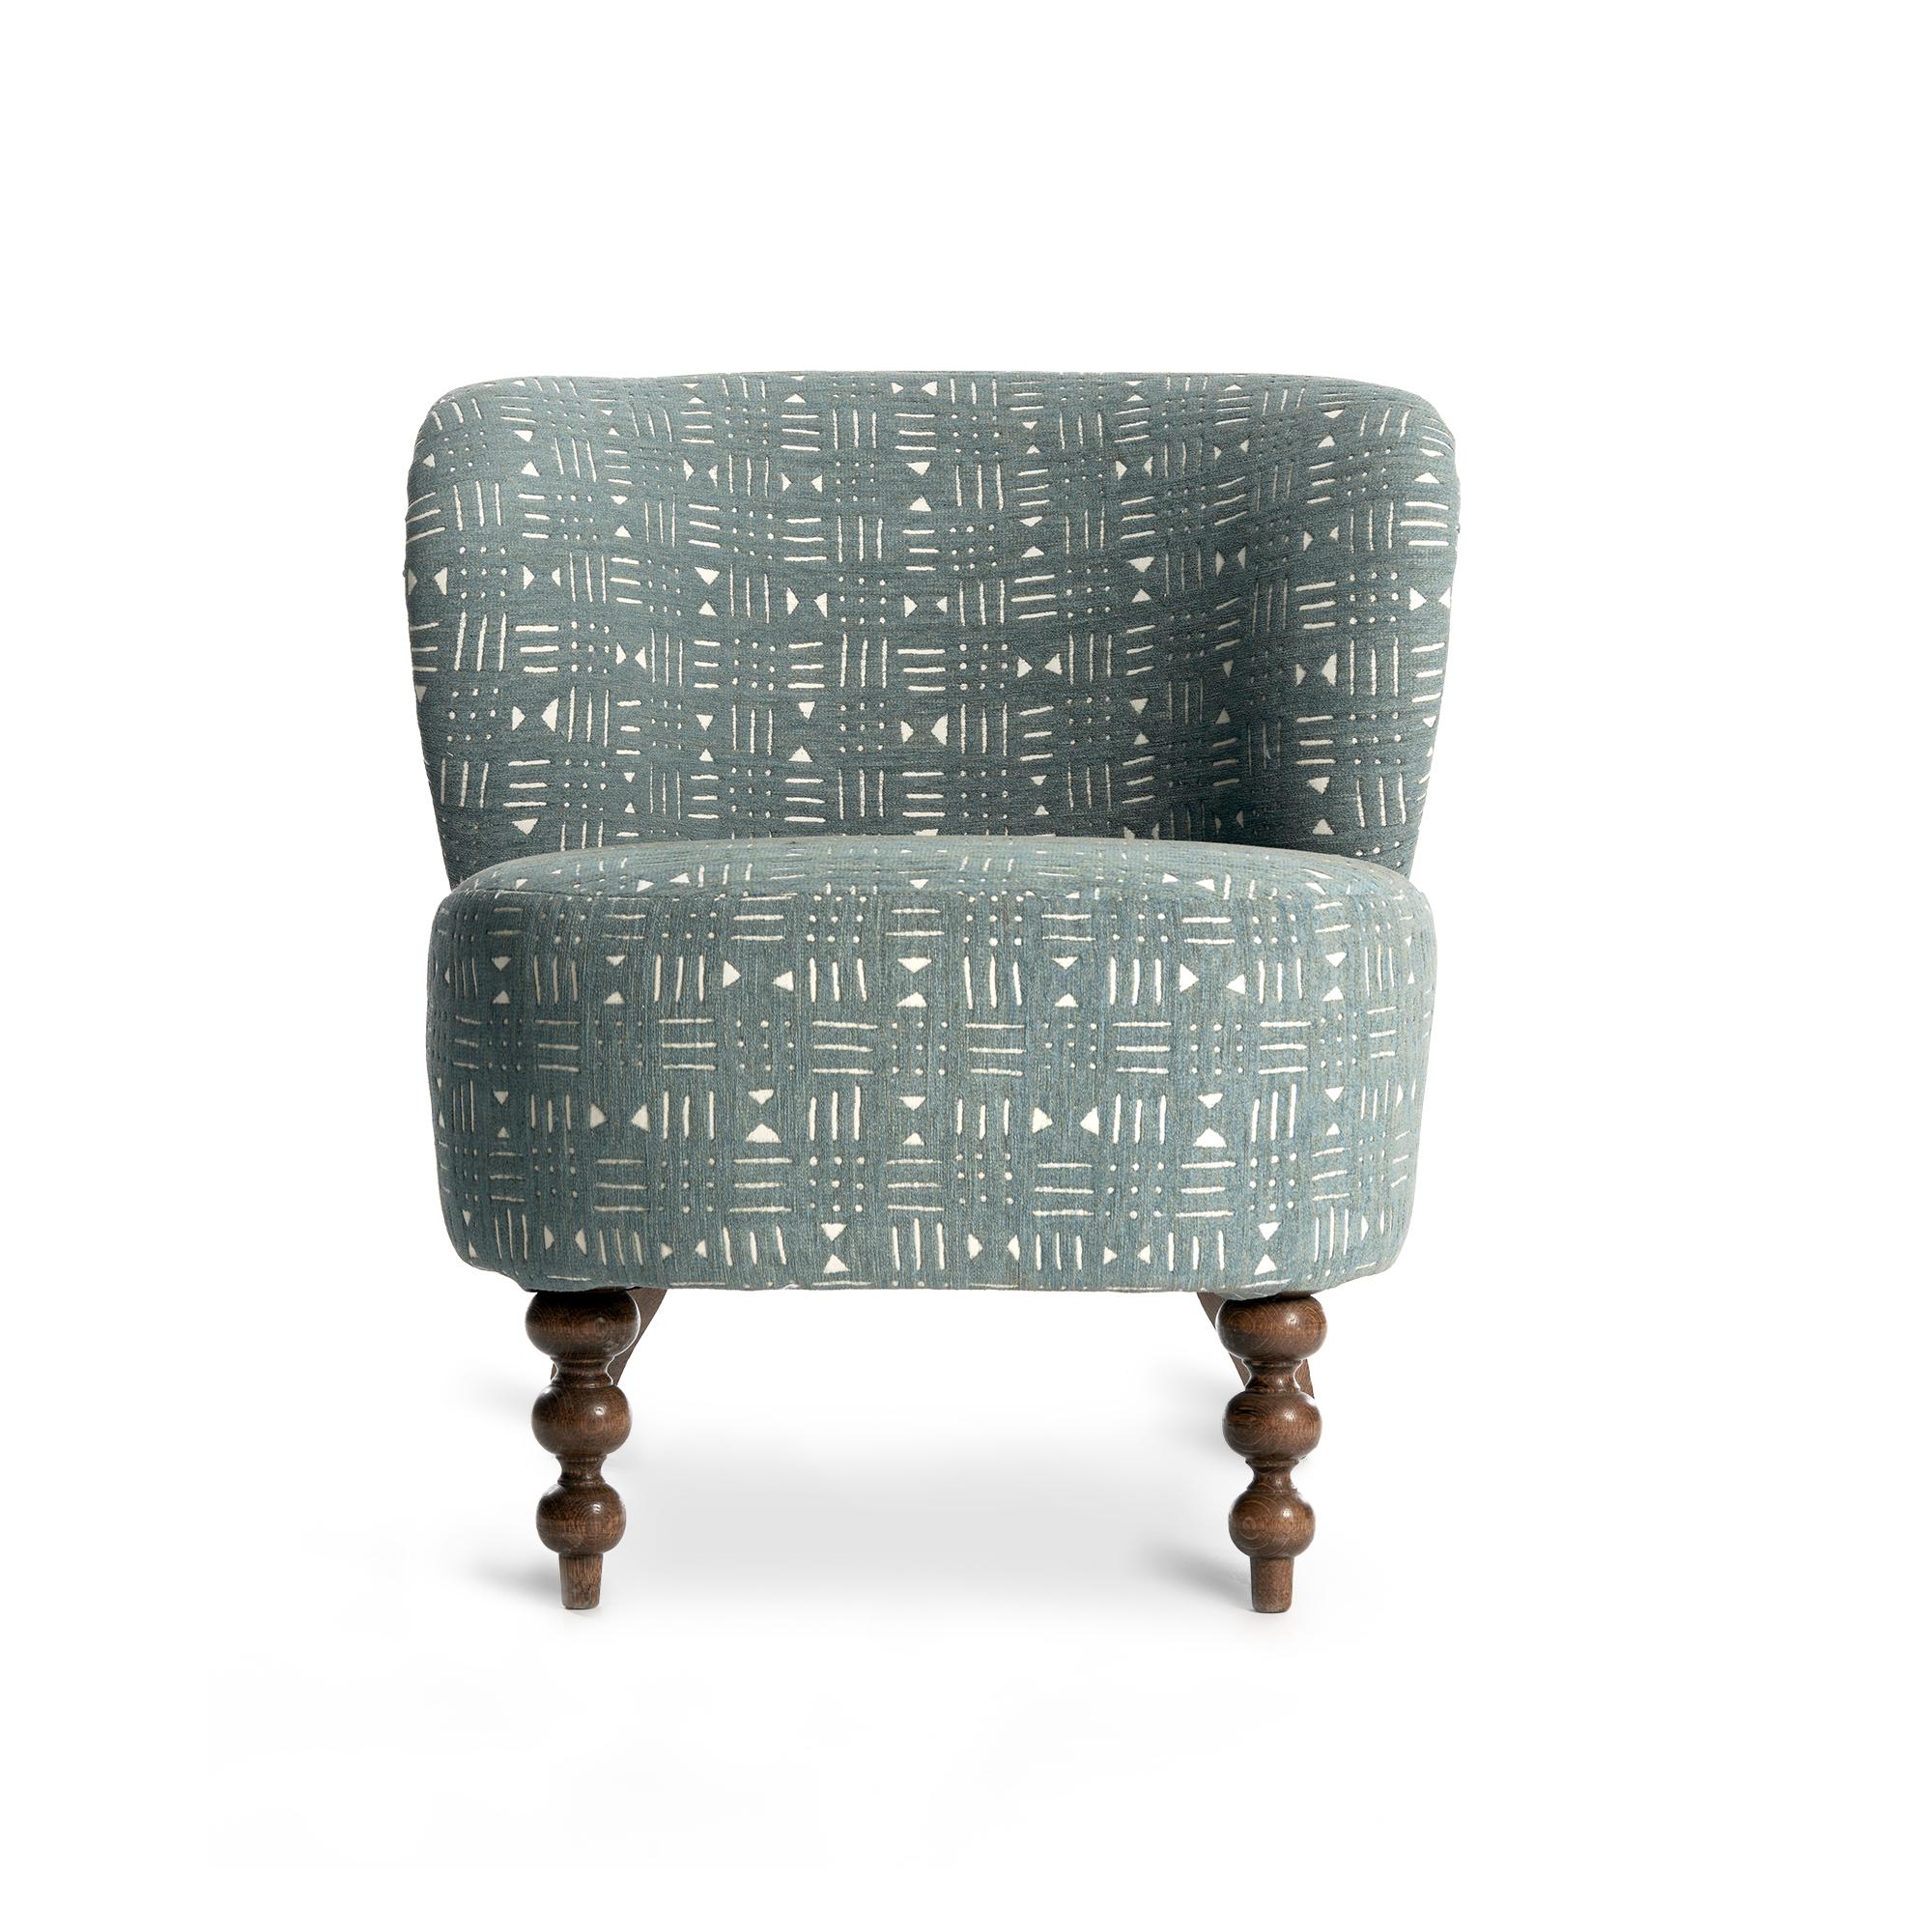 Soho Home x Pierre Frey Bamako Chair